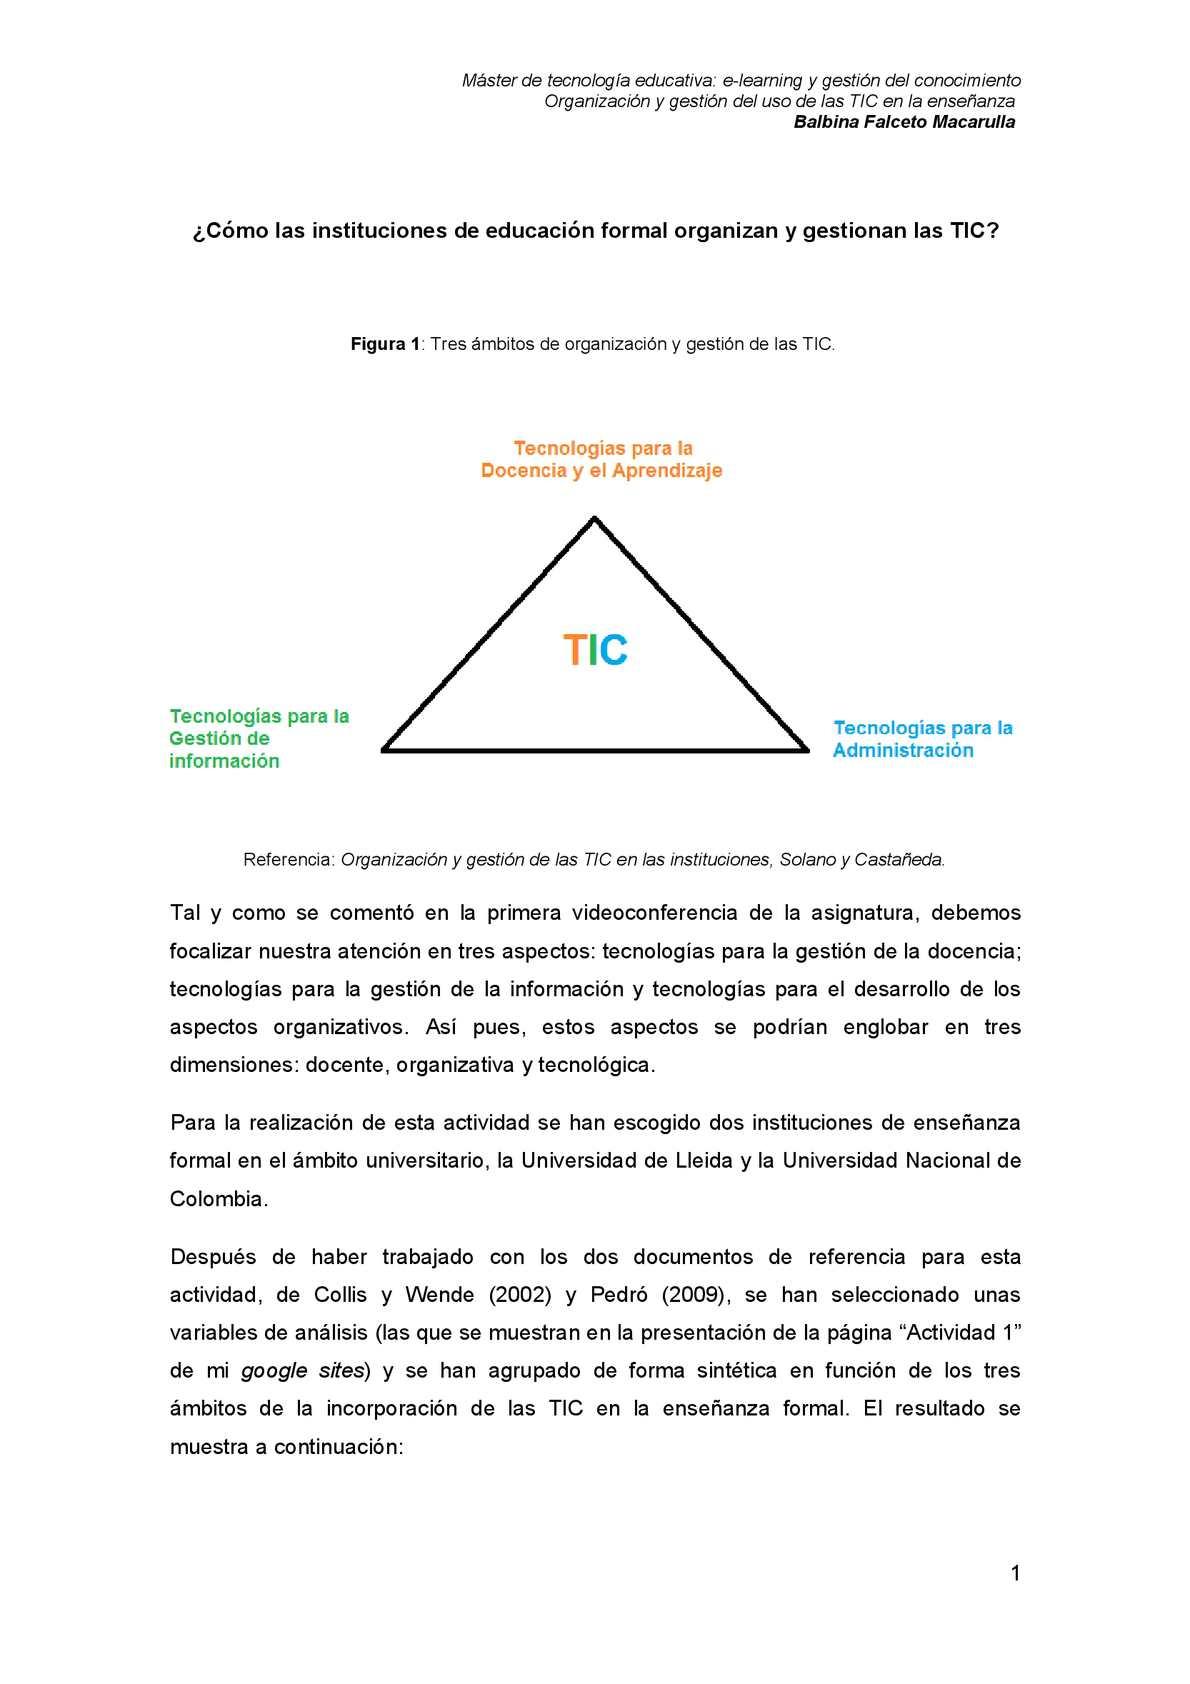 Bloque I. Actividad 1. Gestión y organización de las TIC en dos instituciones.